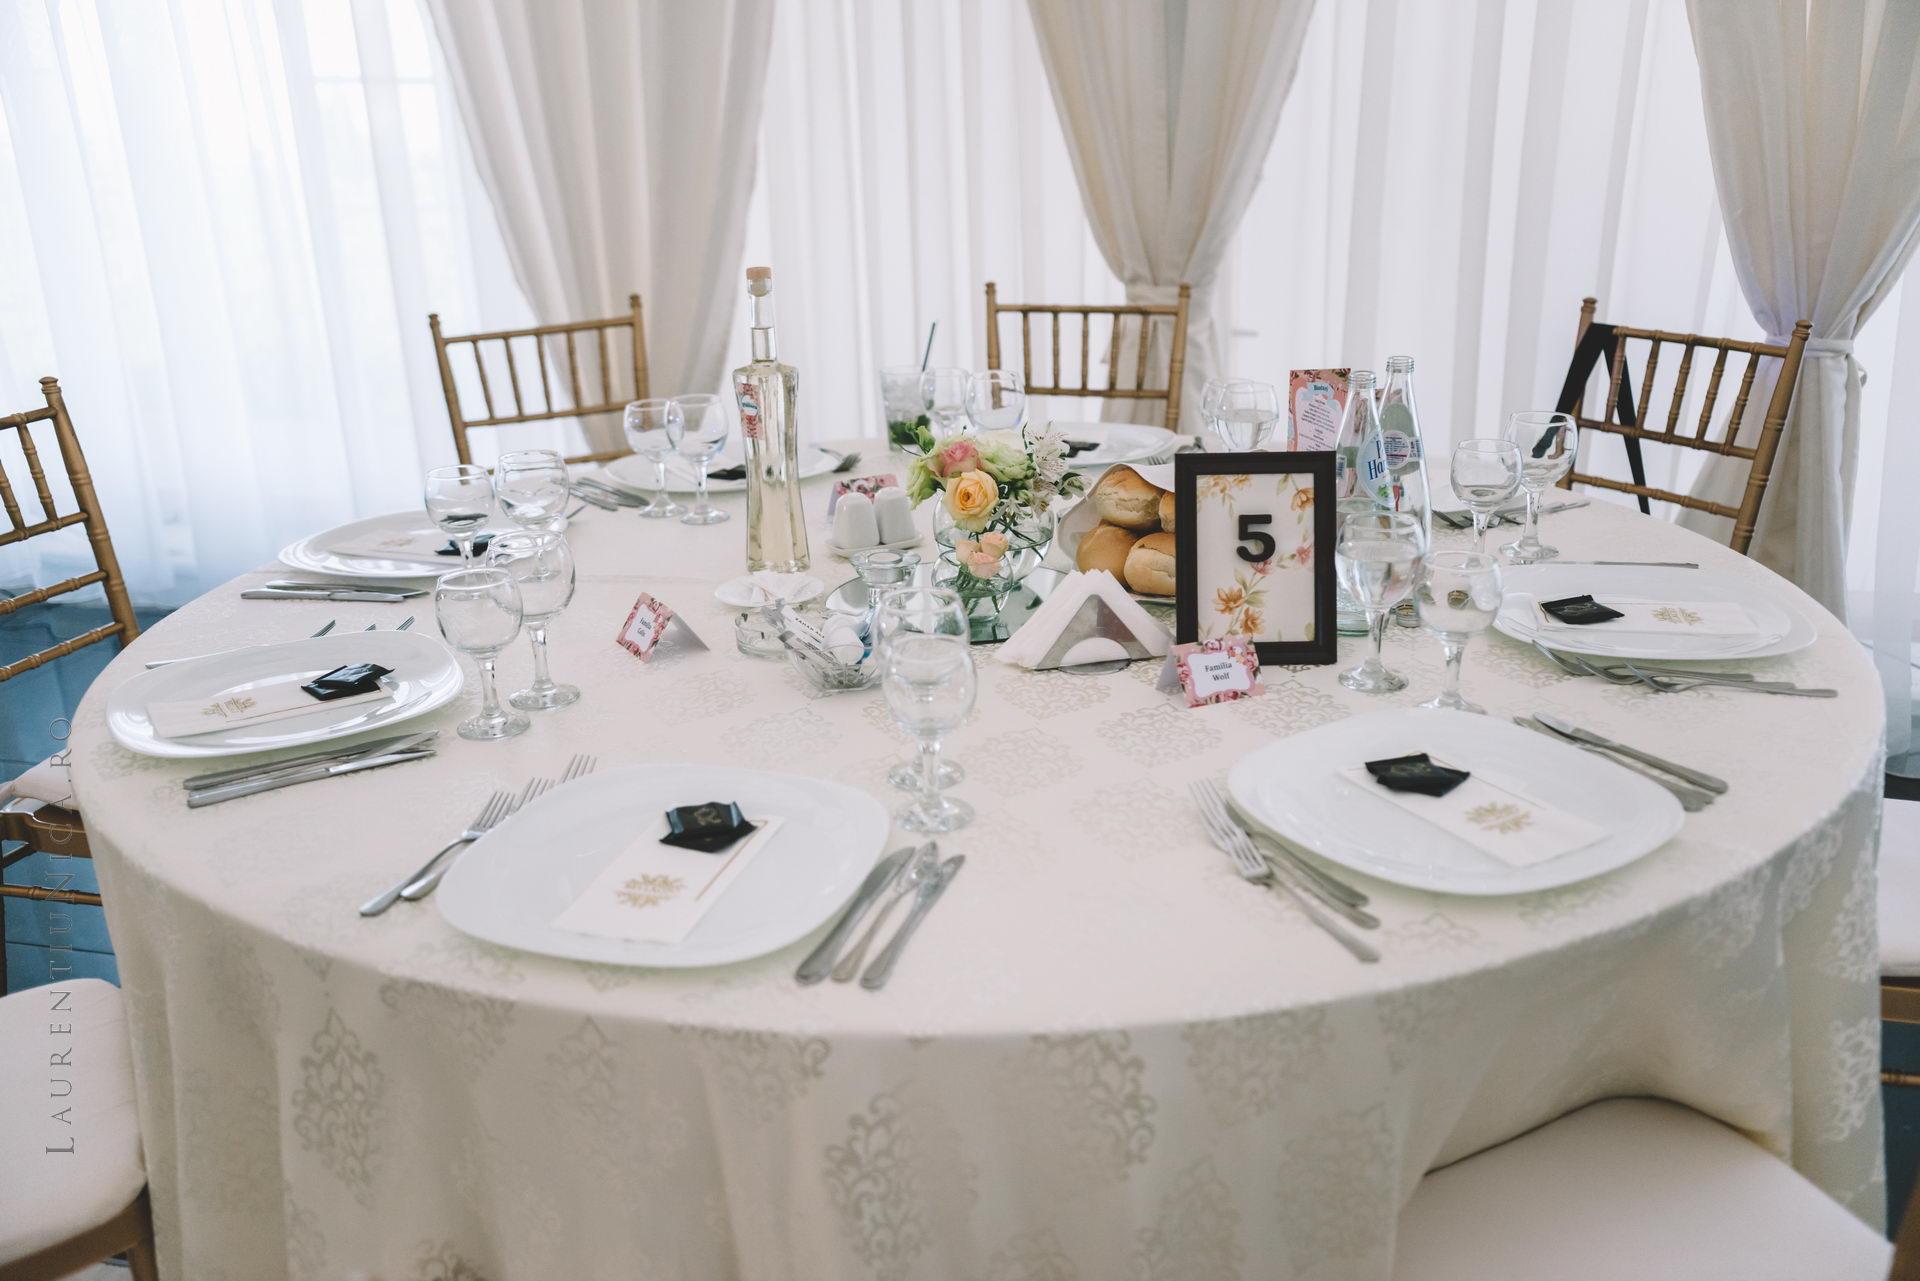 lavinia si adi fotograf laurentiu nica craiova 050 - Lavinia & Adi | Fotografii nunta